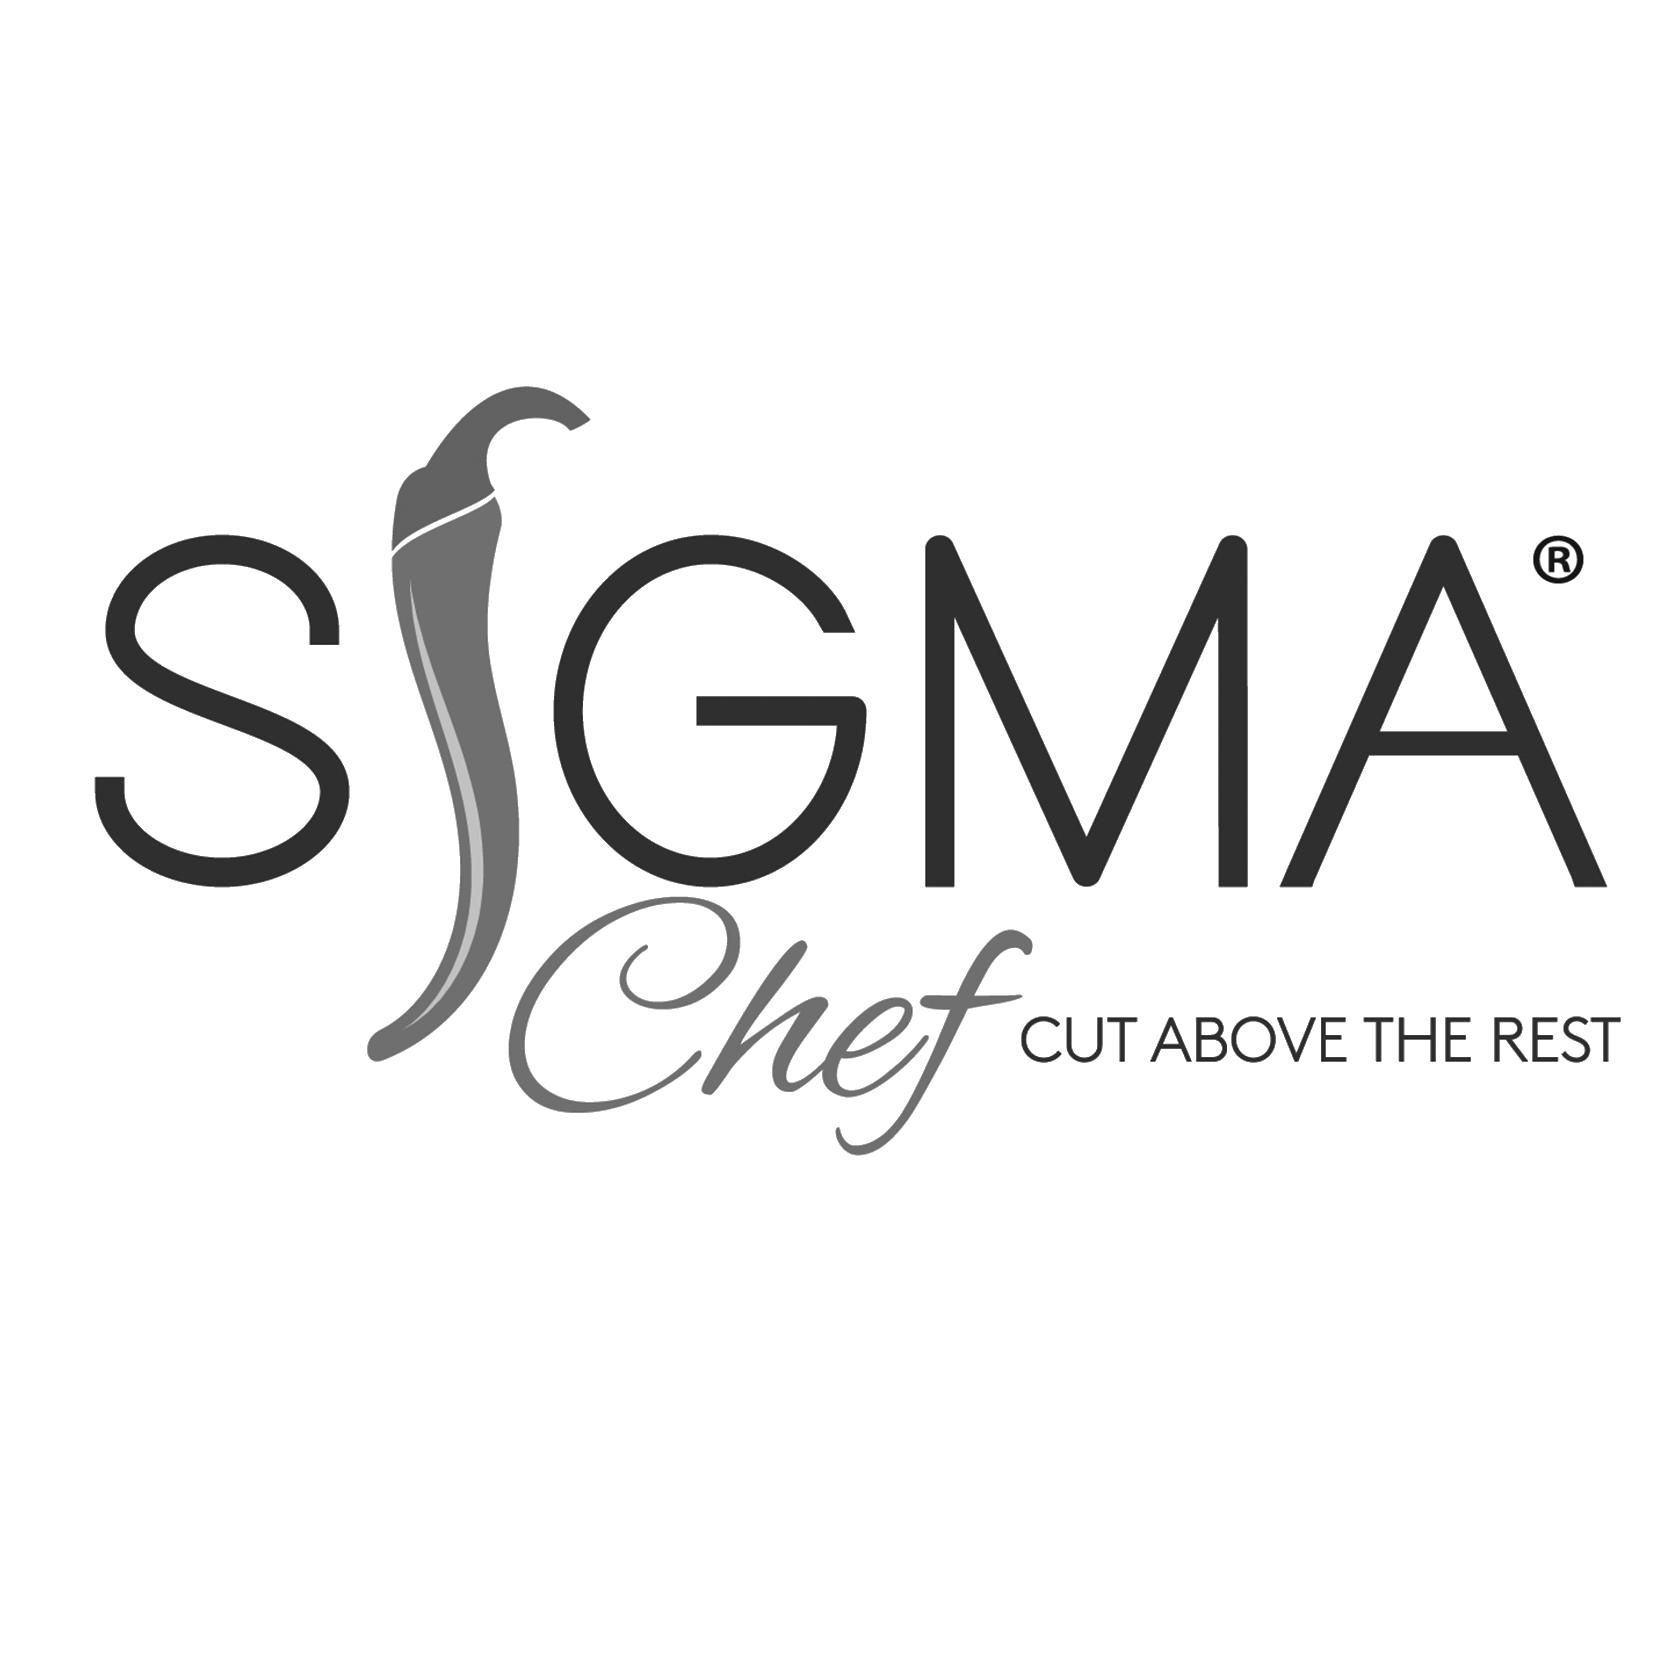 SigmaChef